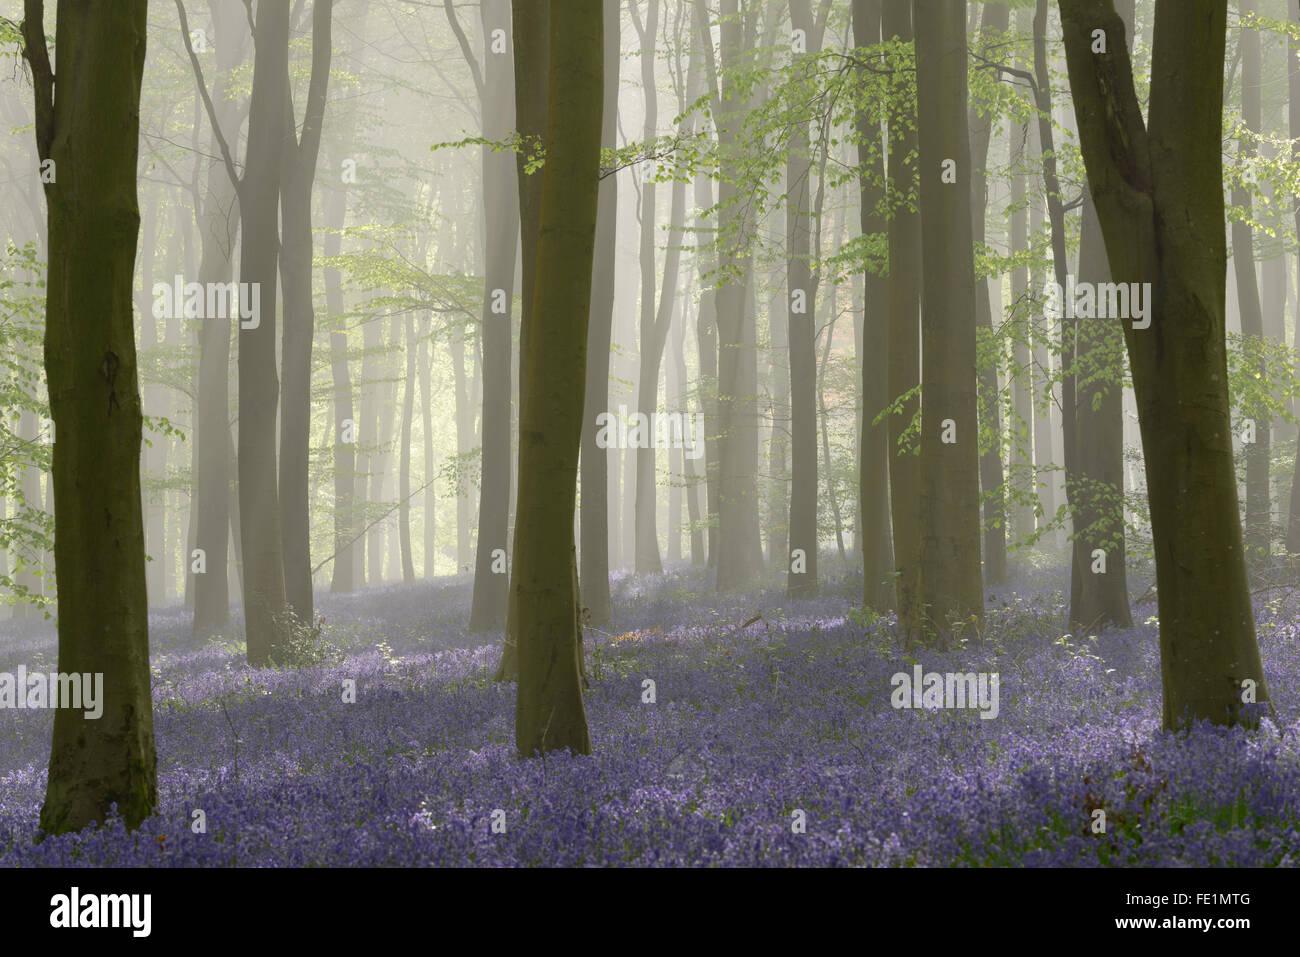 Rempli de jacinthes des bois sur un matin de printemps près de Micheldever misty dans le Hampshire. Photo Stock